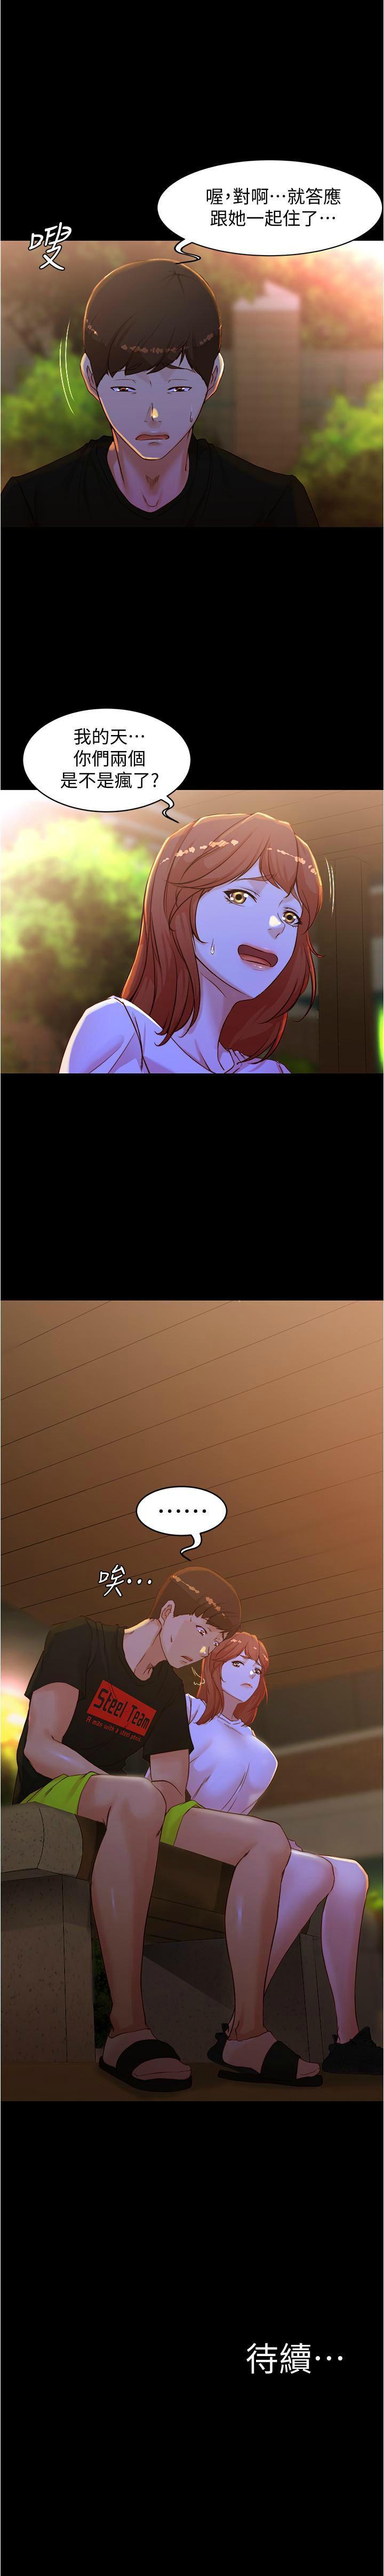 panty note 小褲褲筆記 小裤裤笔记 01-35 连载中 中文 重新排序 Reorder 235